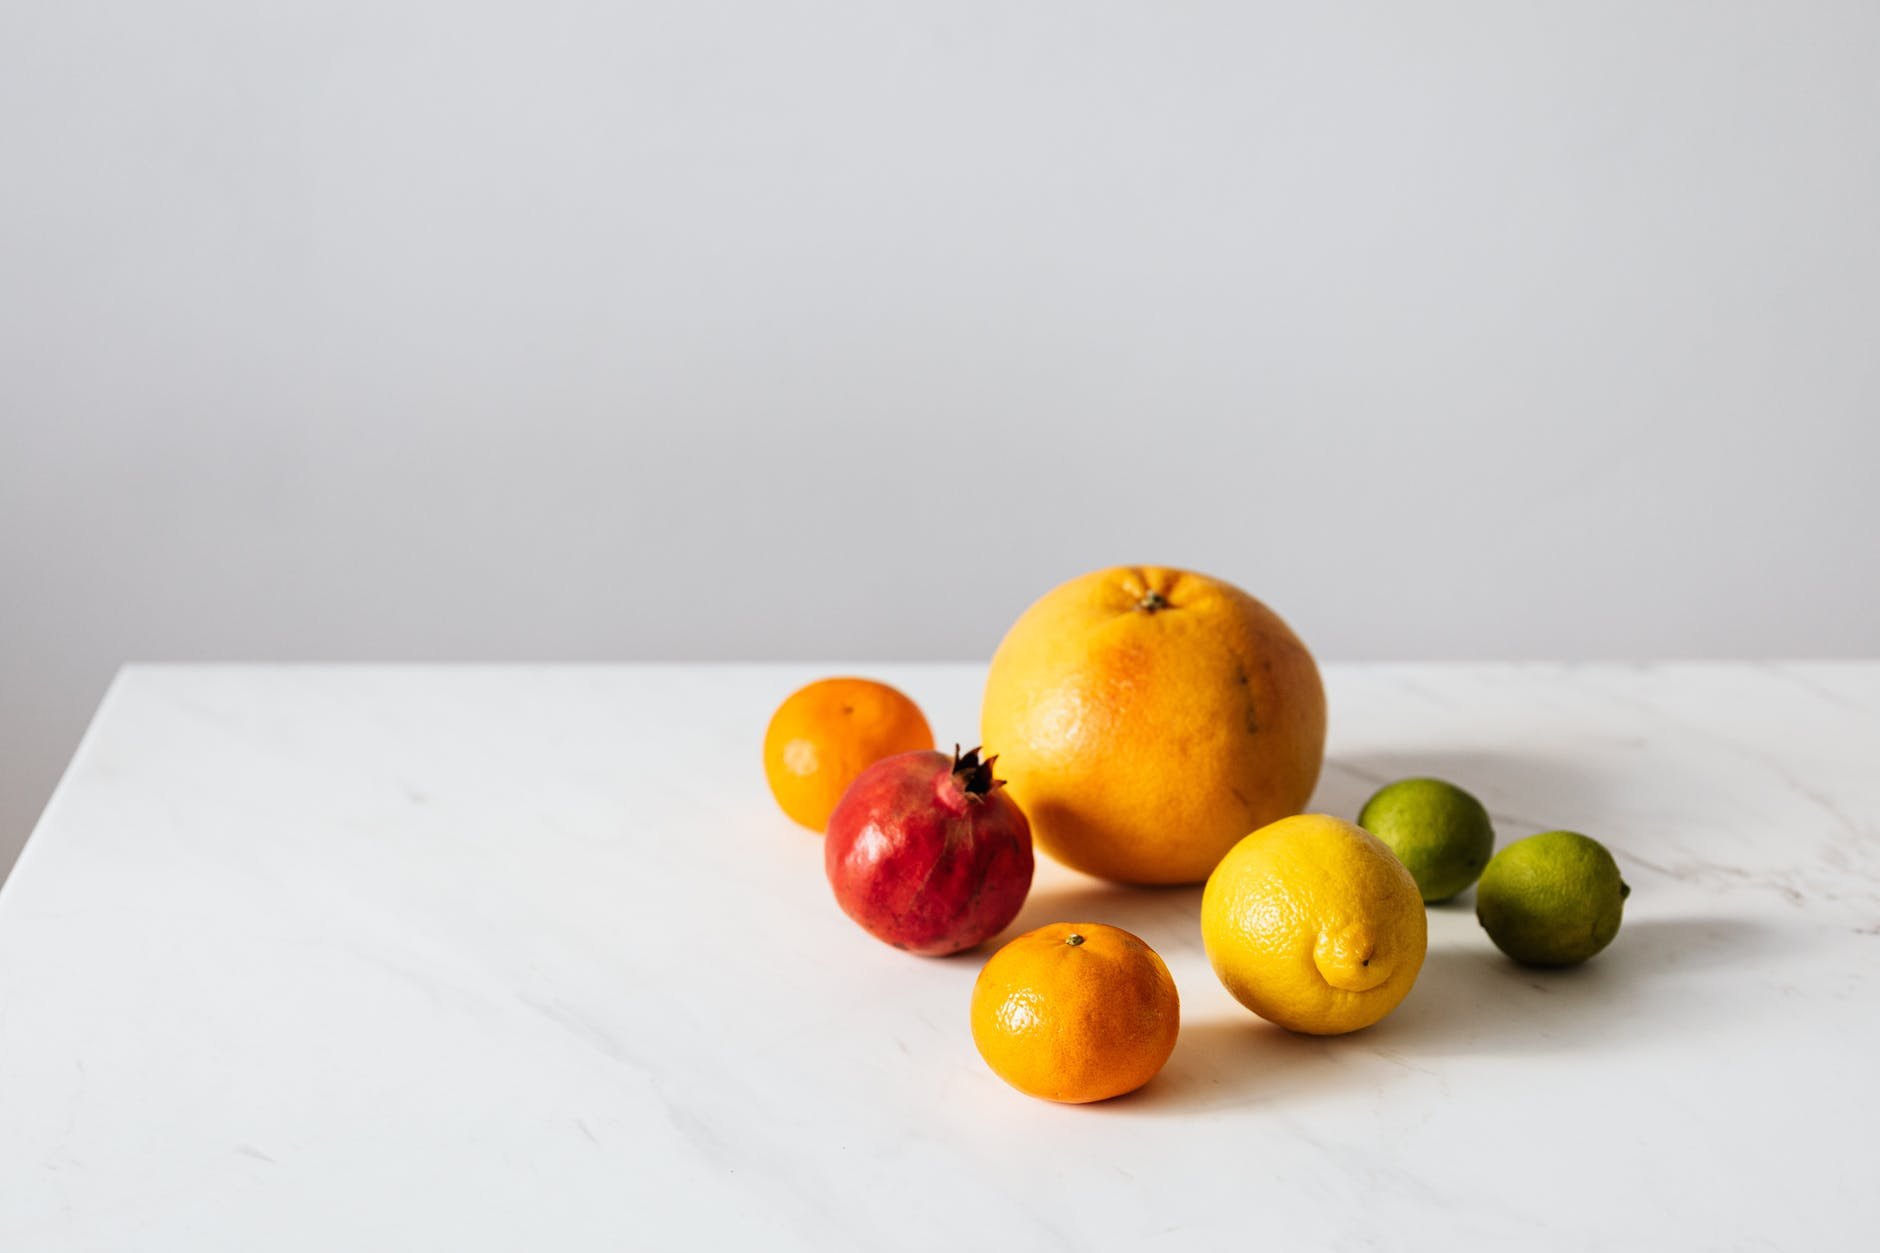 Adevărul despre fructul preferat al românilor. Poate fi fatal! Mencinicopschi: Este indicat doar pentru aceste persoane!